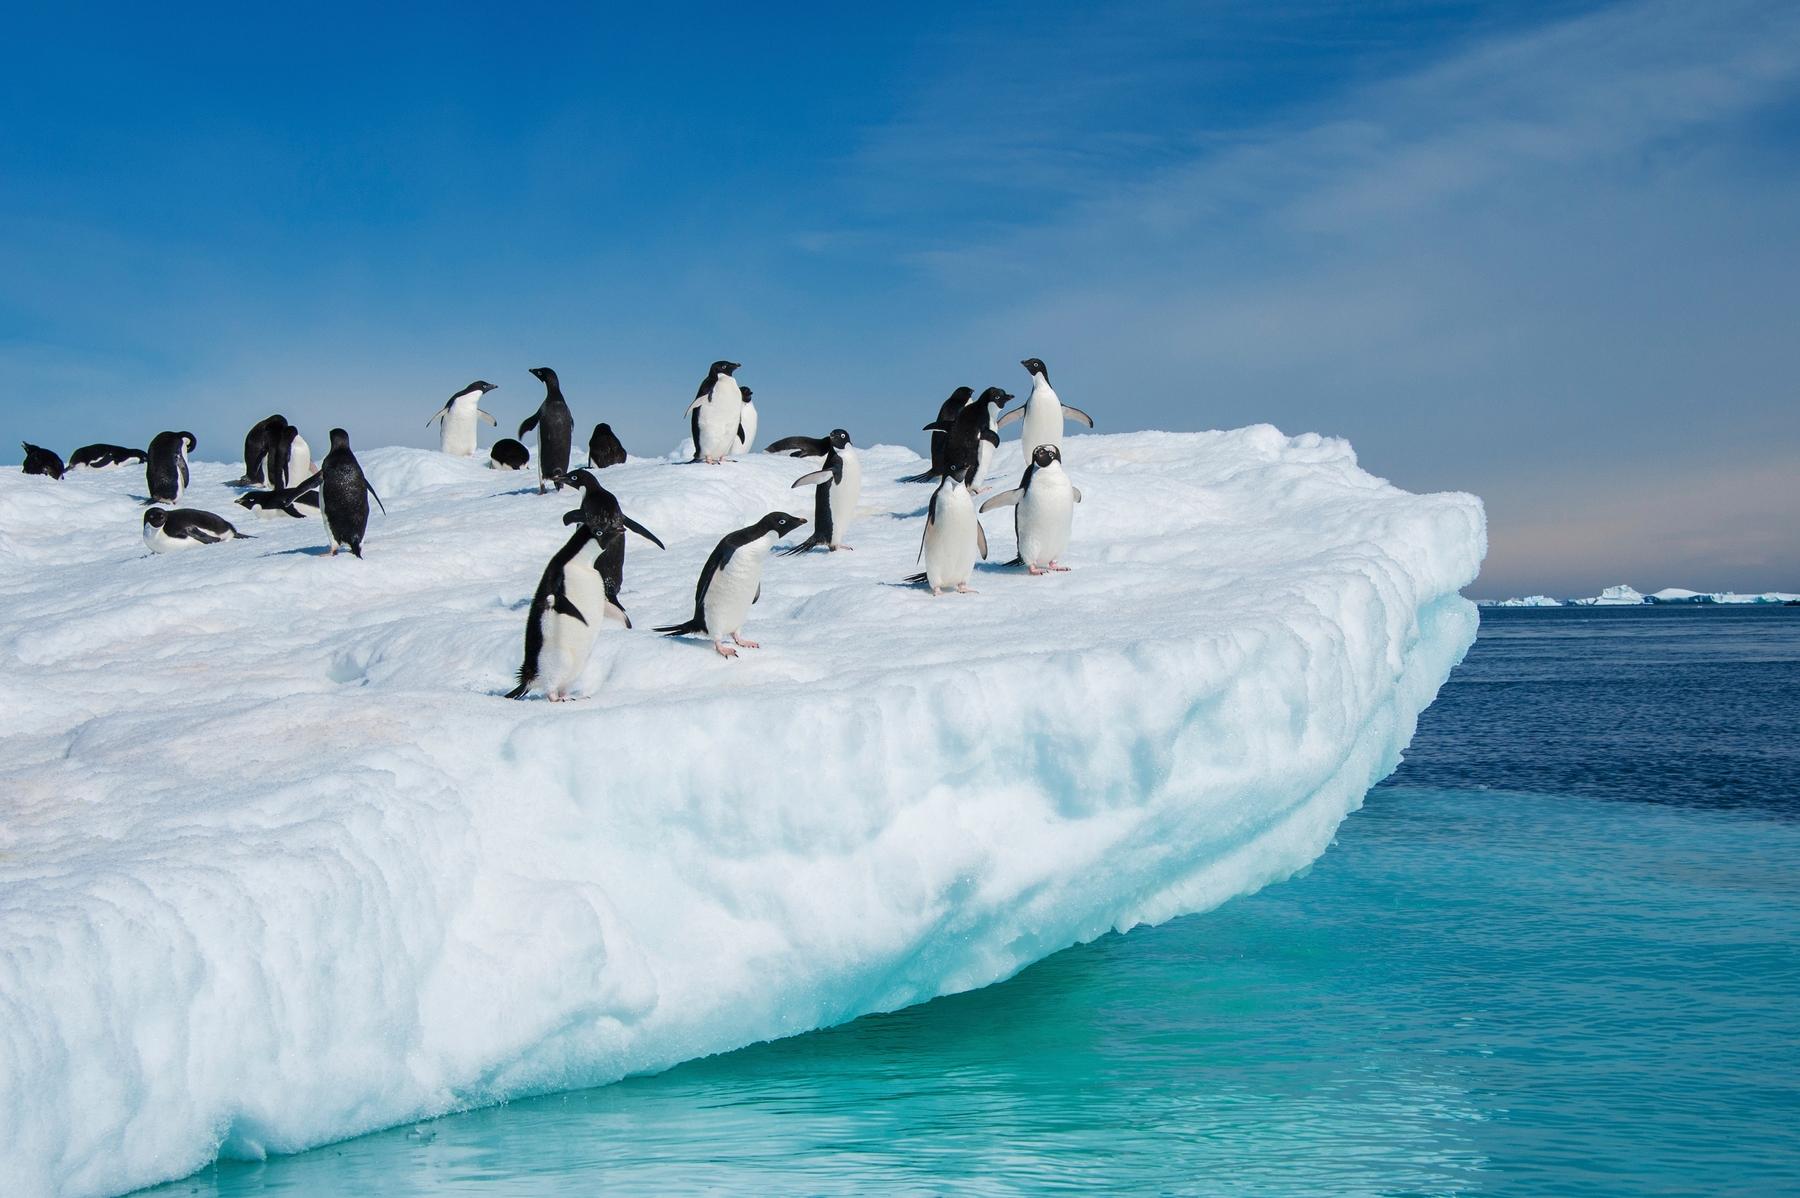 Пингвины в Антарктике. Самые отрезанные от цивилизации места мира